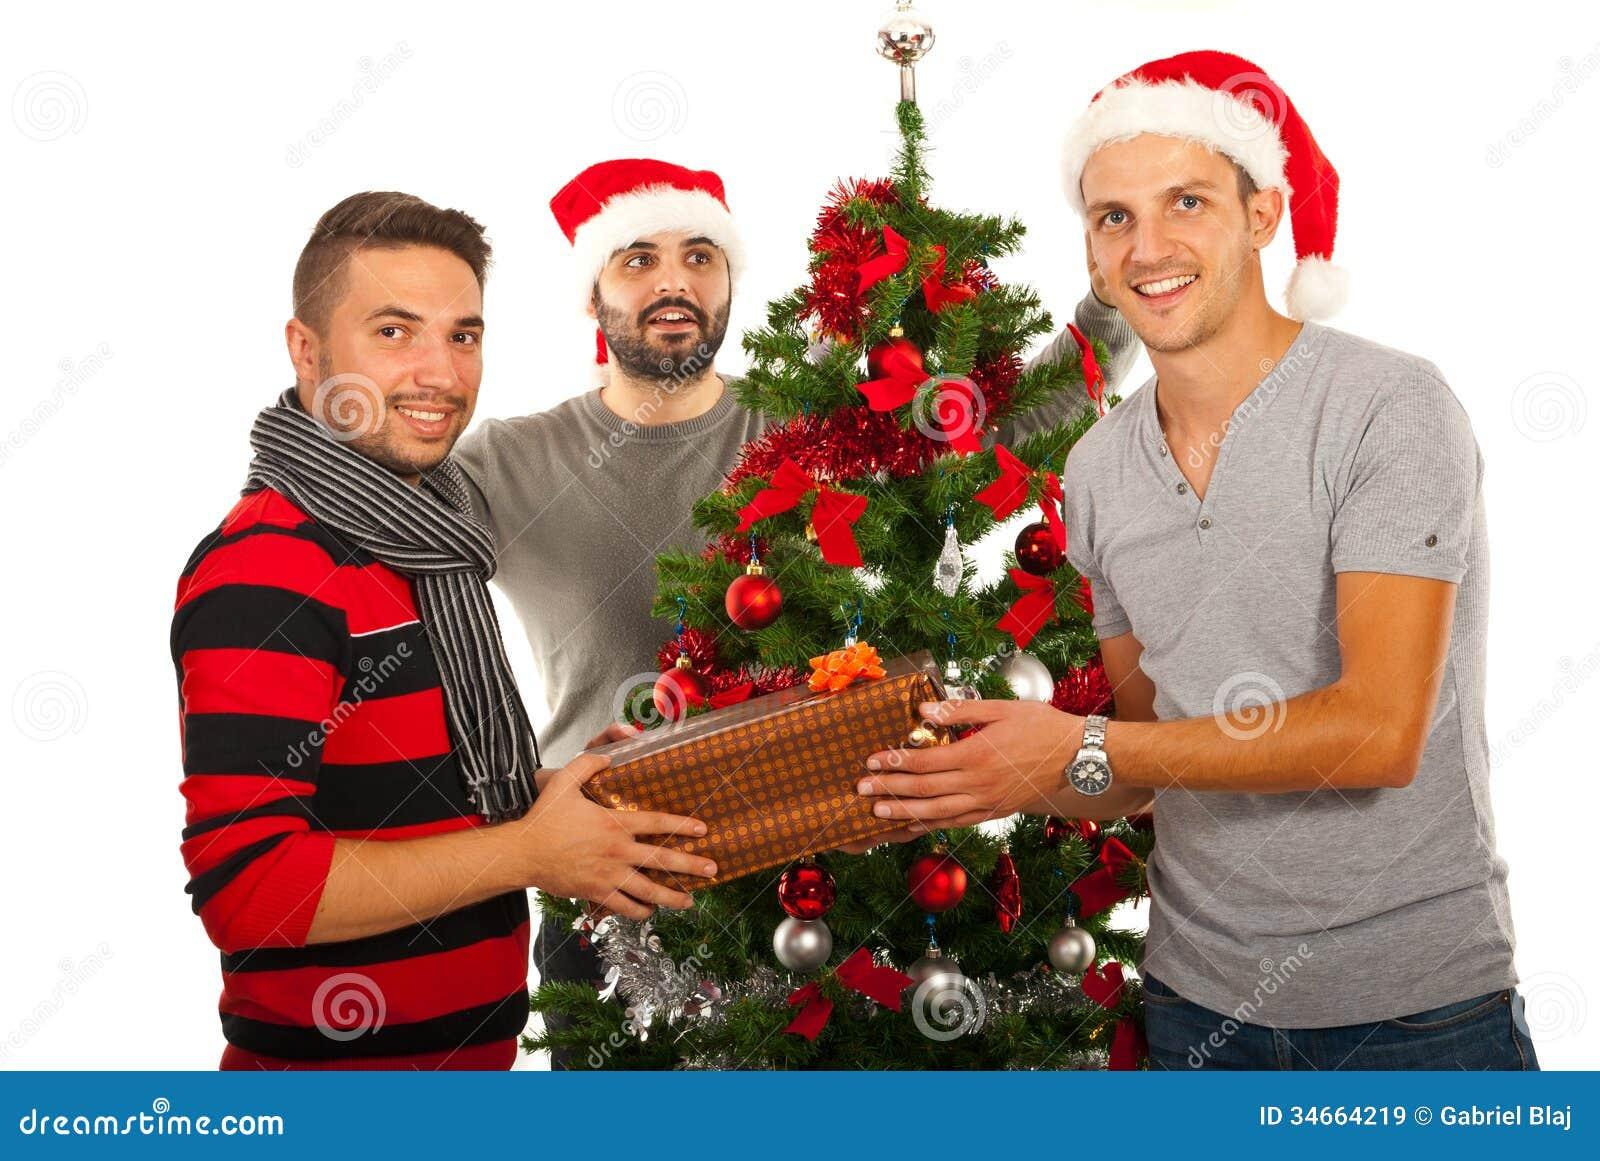 Οι ευτυχείς φίλοι γιορτάζουν τα Χριστούγεννα